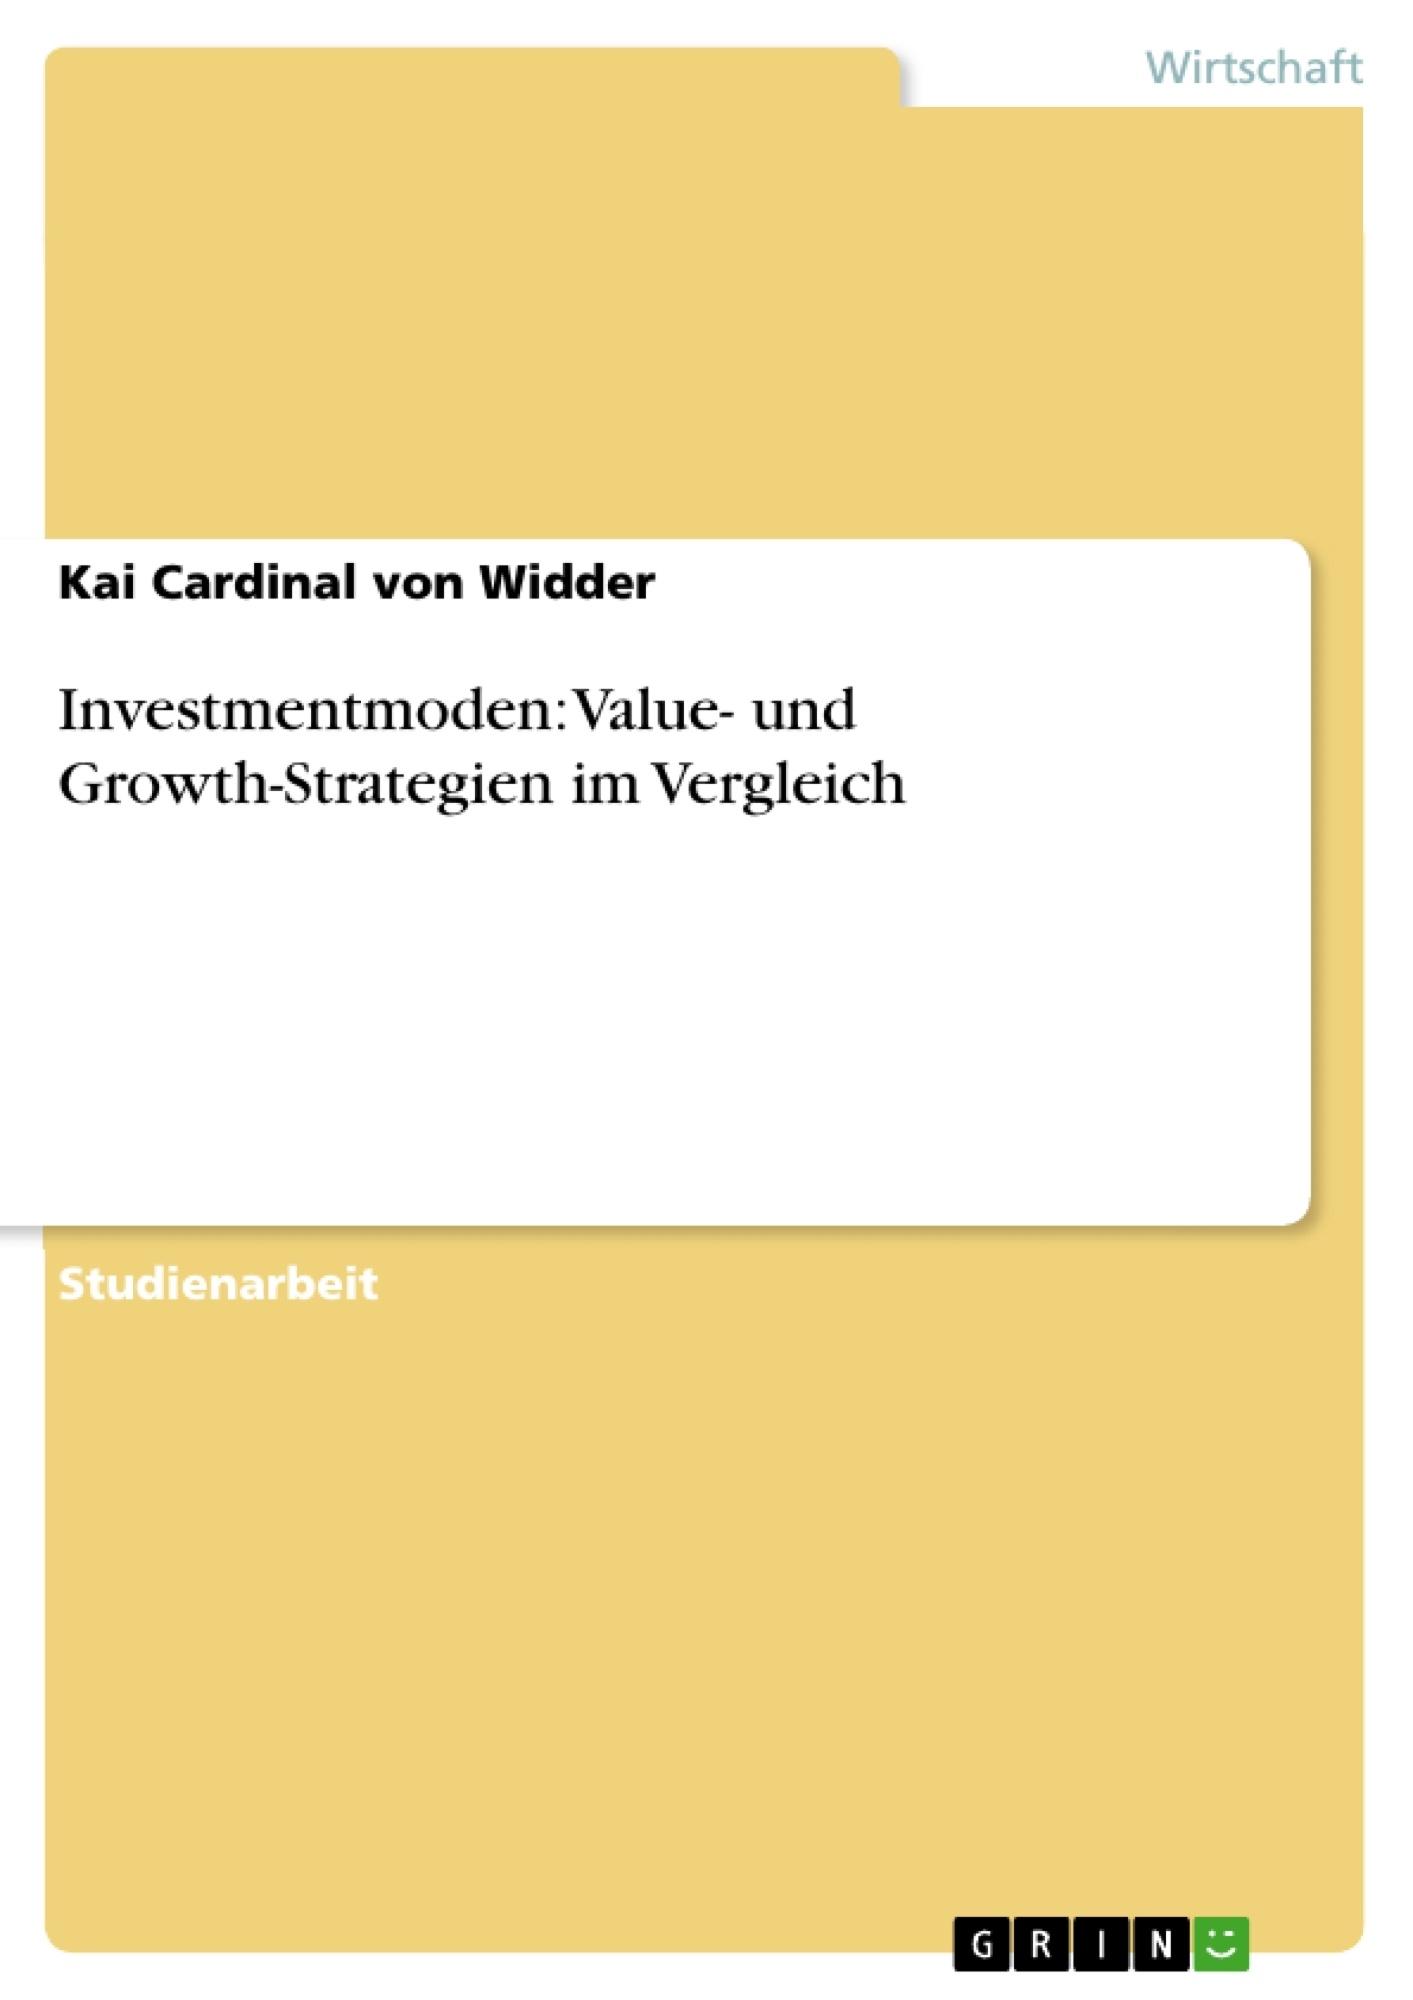 Titel: Investmentmoden: Value- und Growth-Strategien im Vergleich